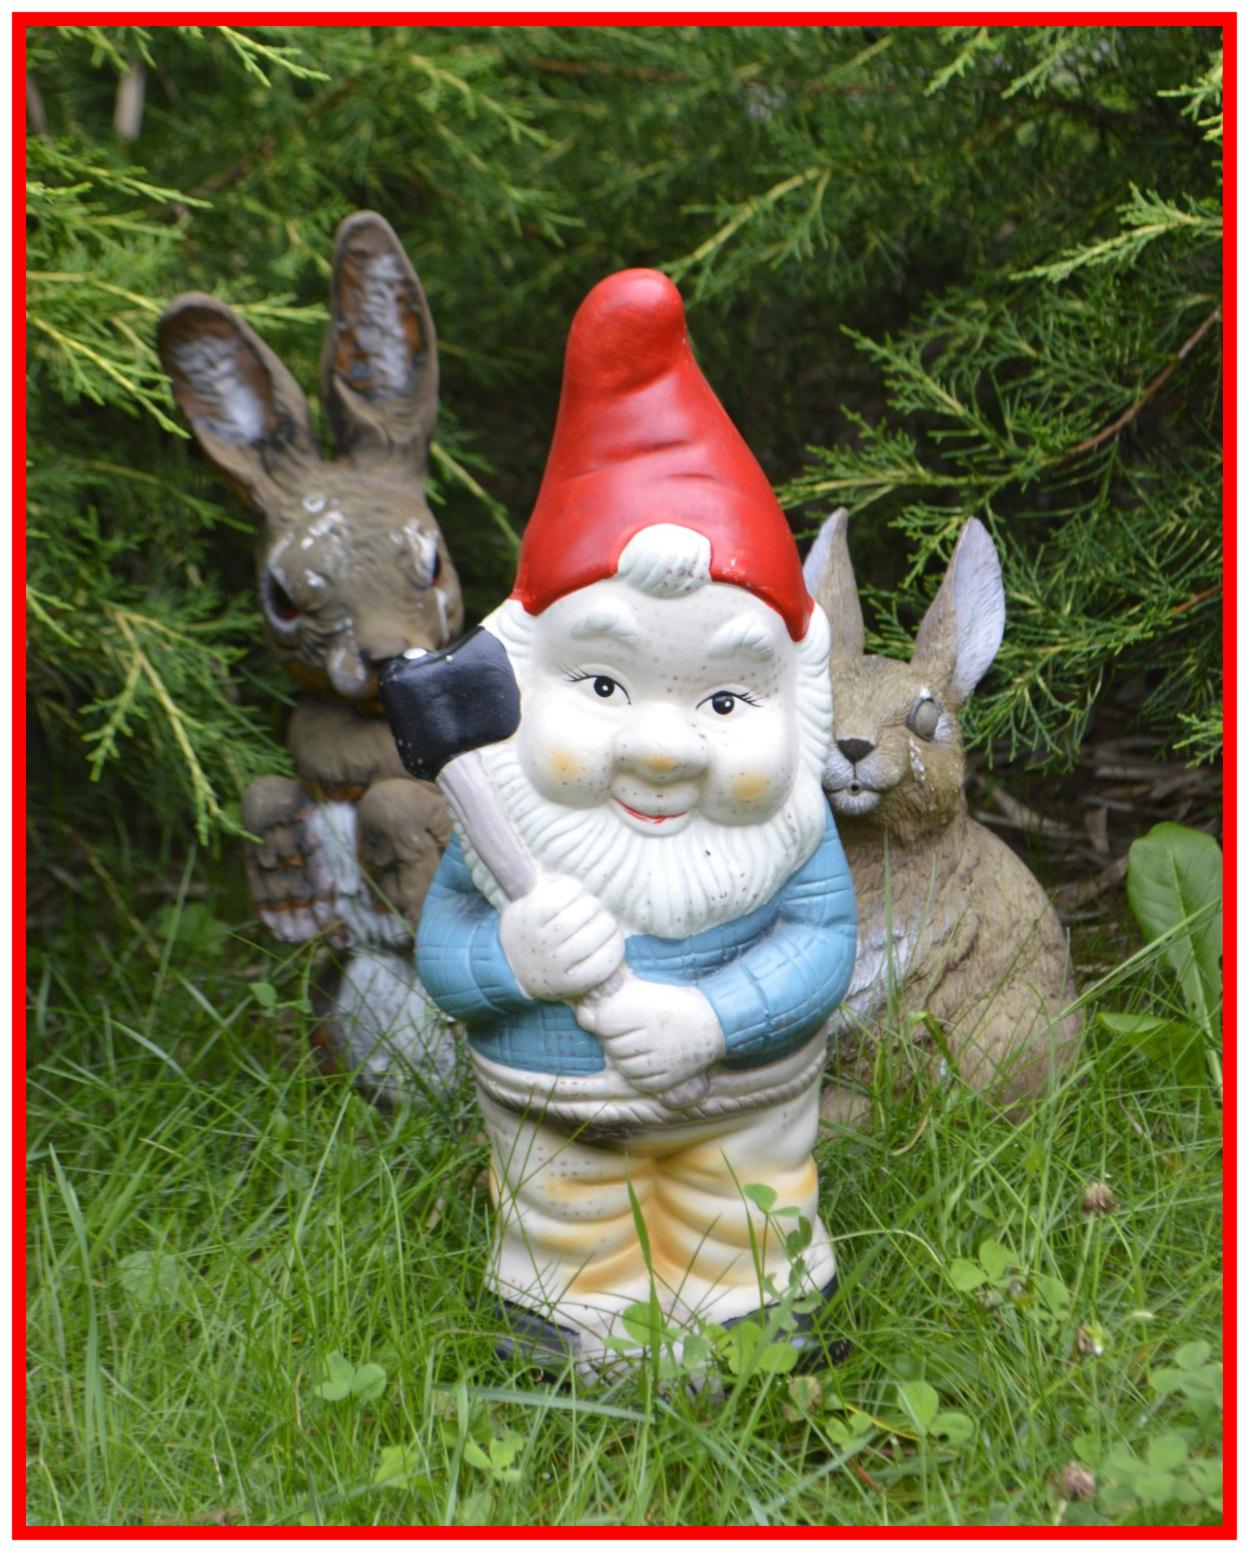 bekitschig blog Garden Gnome Shortage UK Keine Gartenzwerge